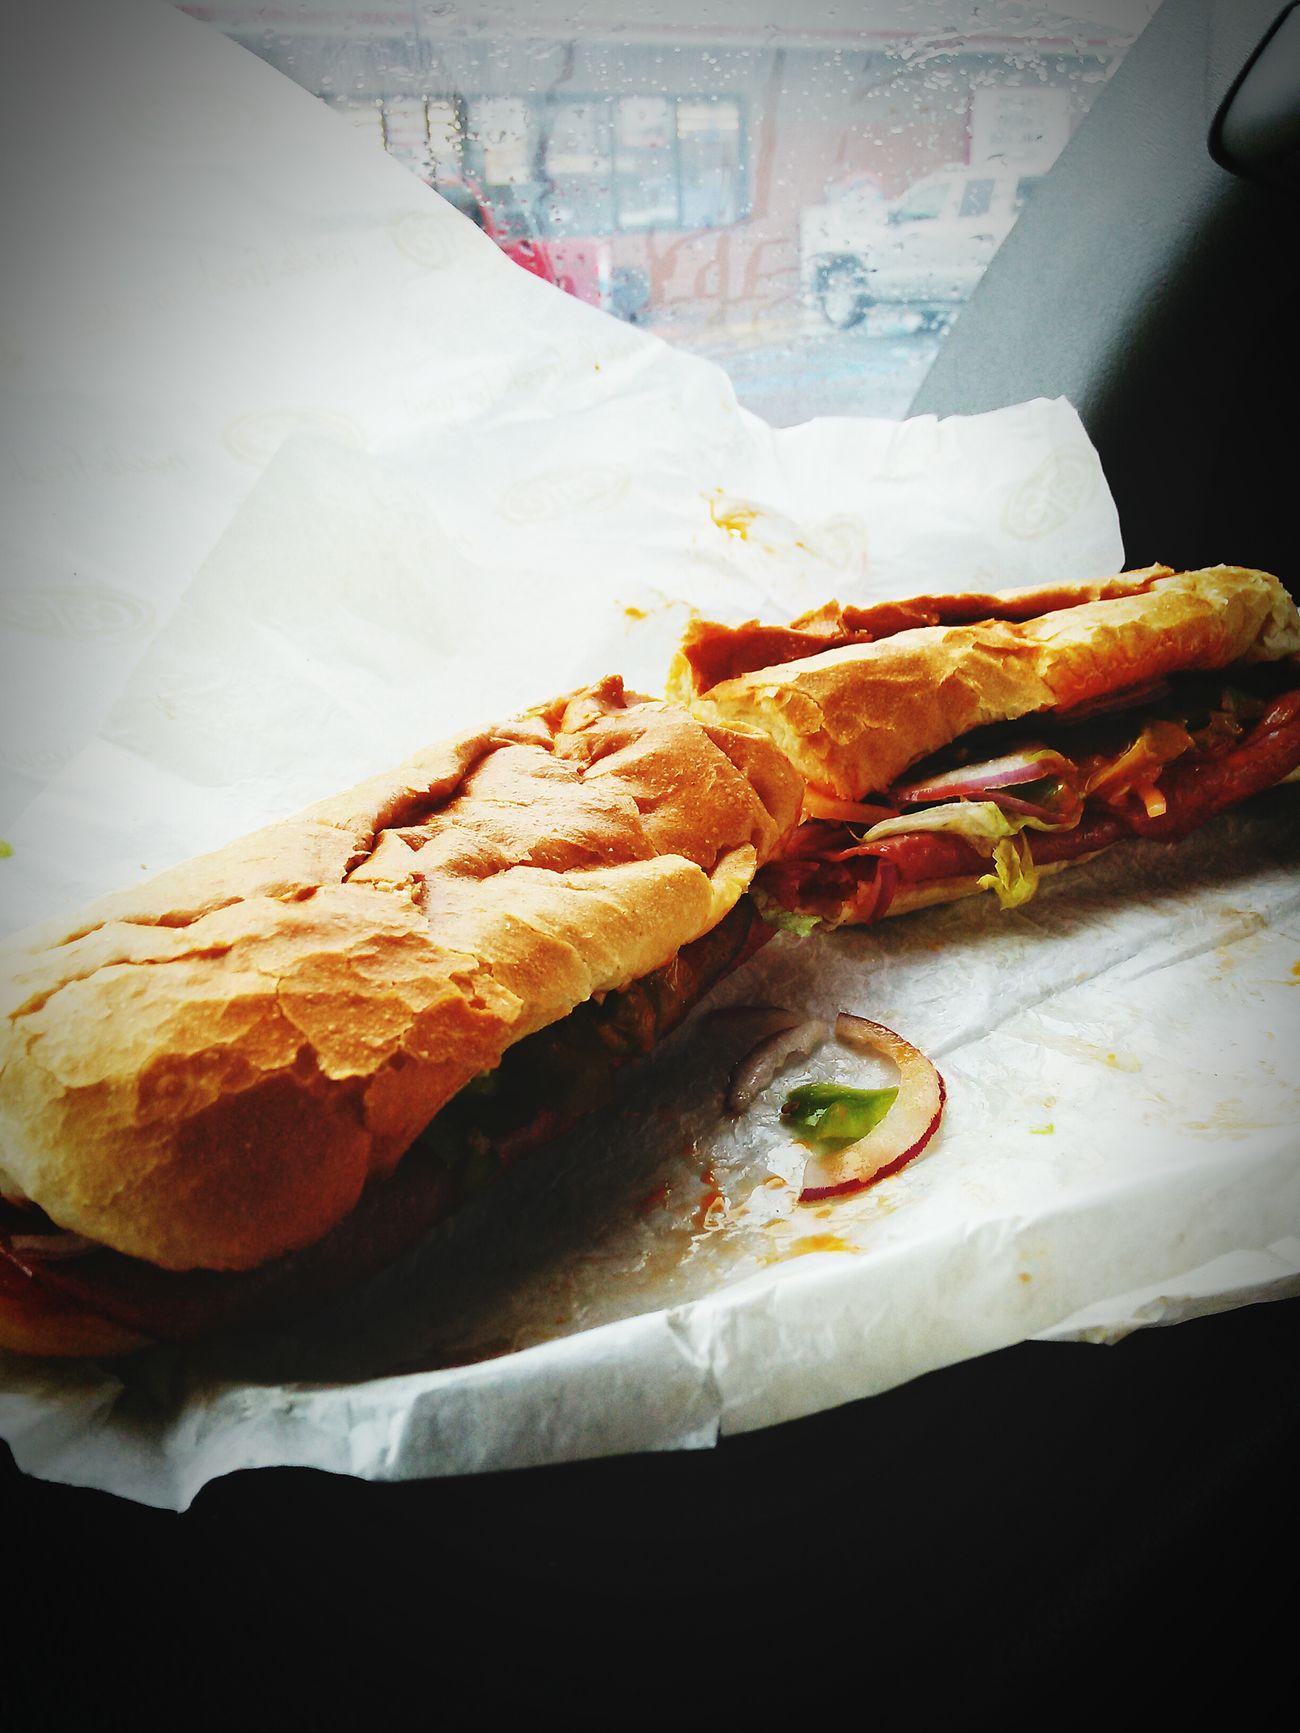 Enjoying my 12 in Speedy Cafe Italian Sub Yummy Food♡ Breakfast For Champions